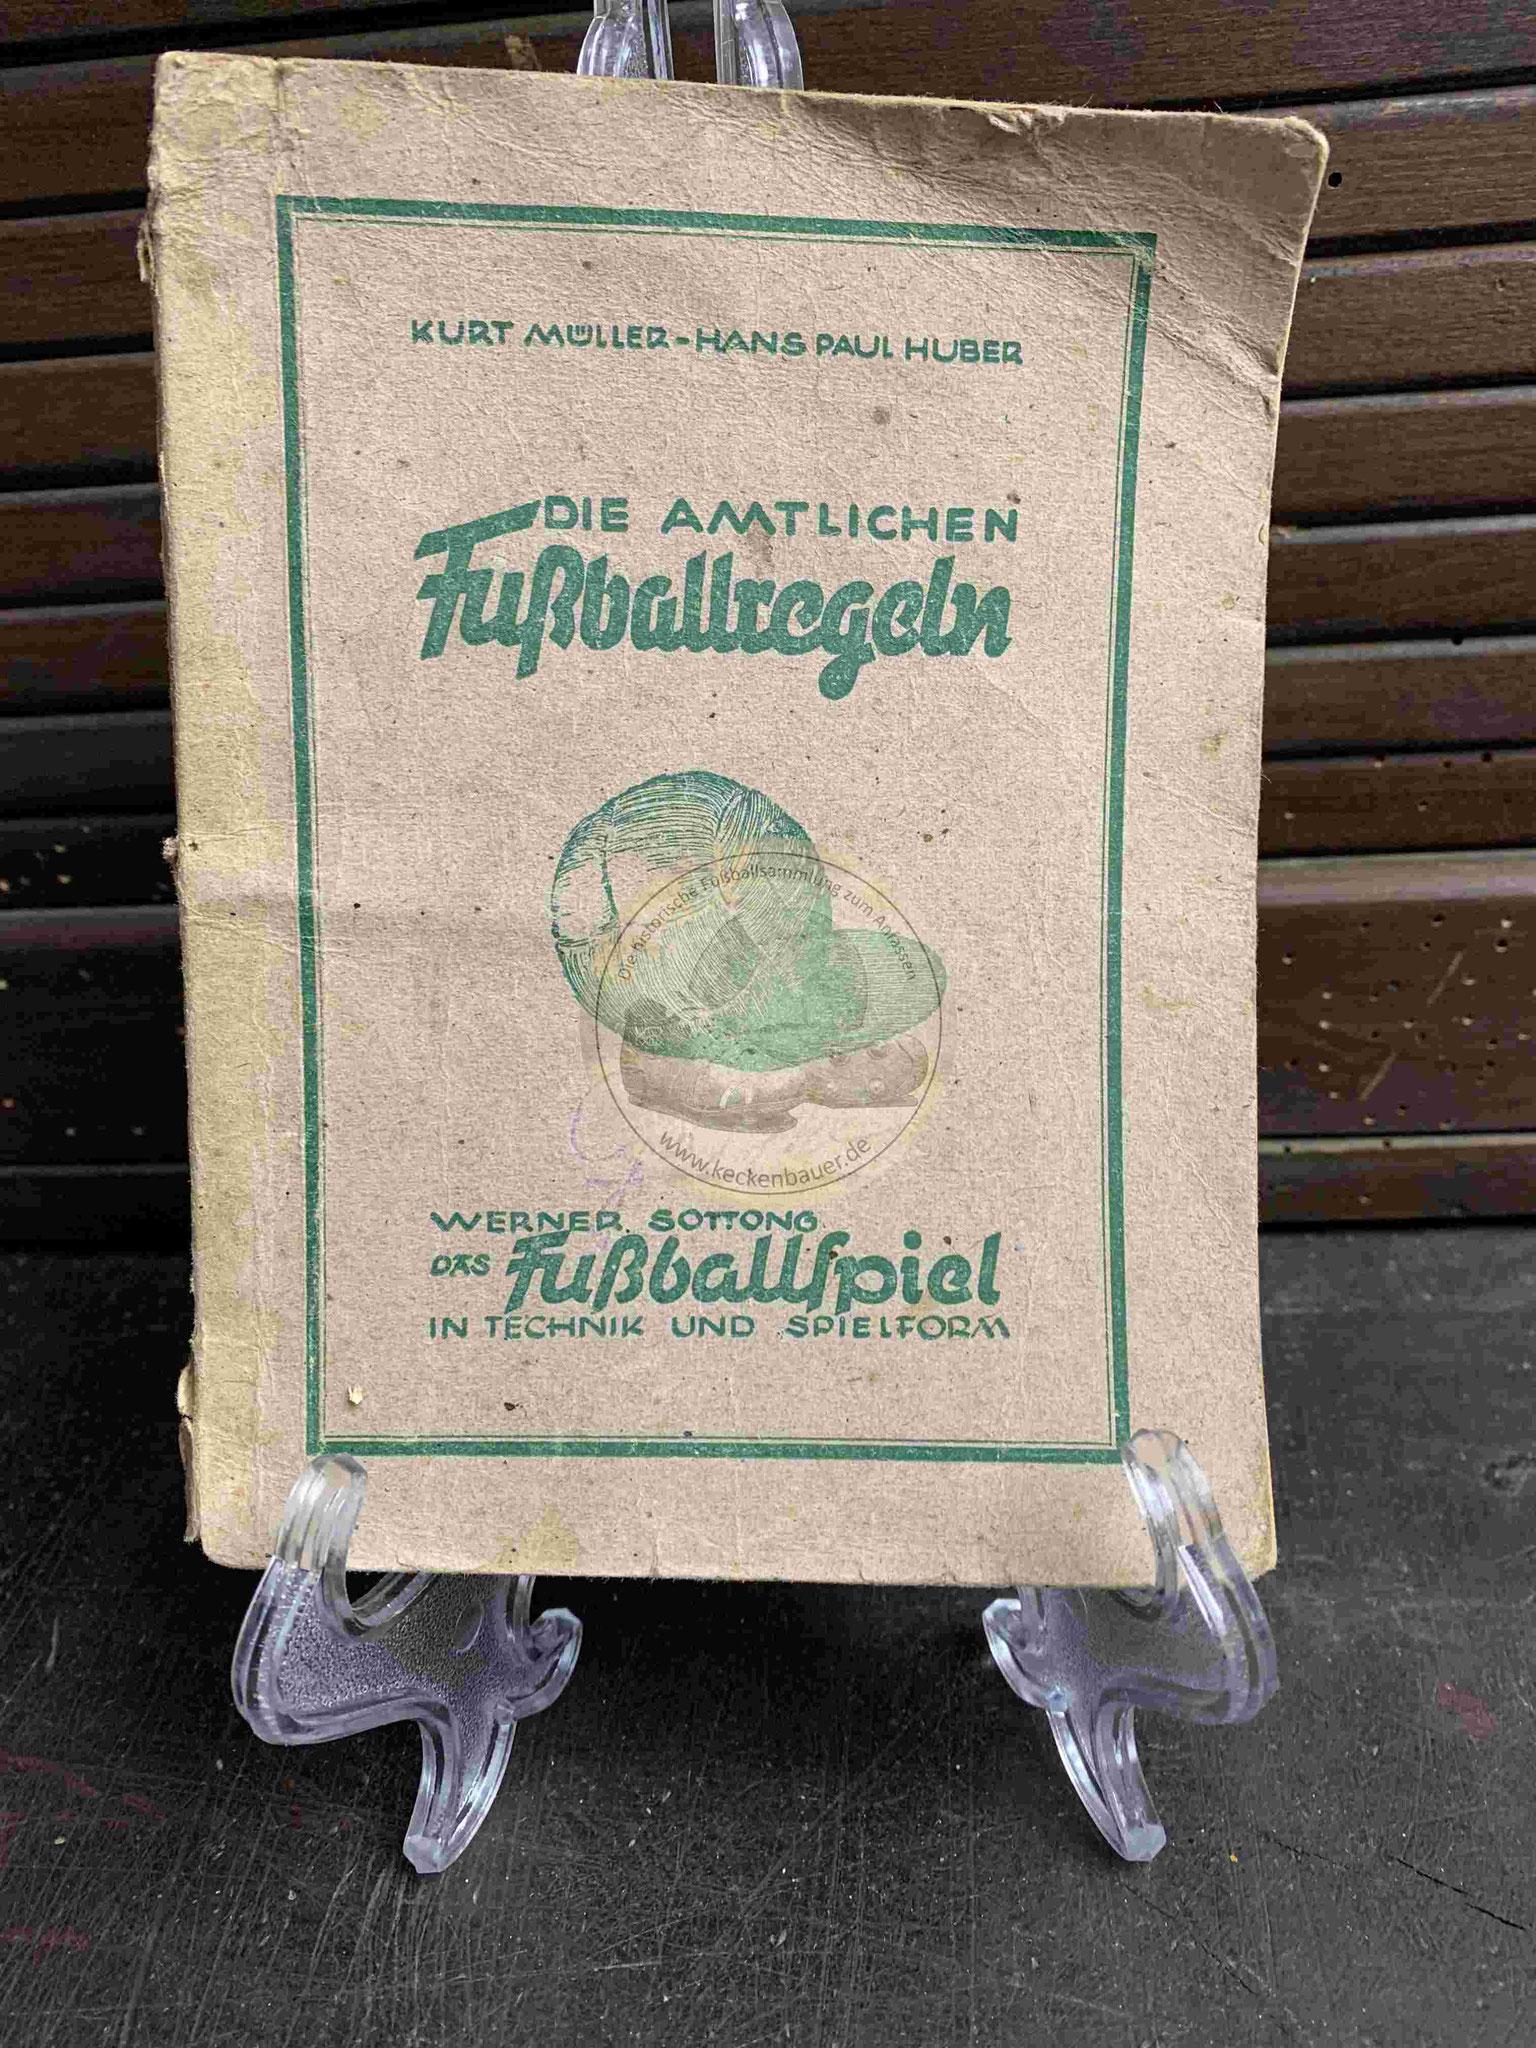 Kurt Müller und Hans Paul Huber Die amtlichen Fußballregeln aus dem Jahr 1948